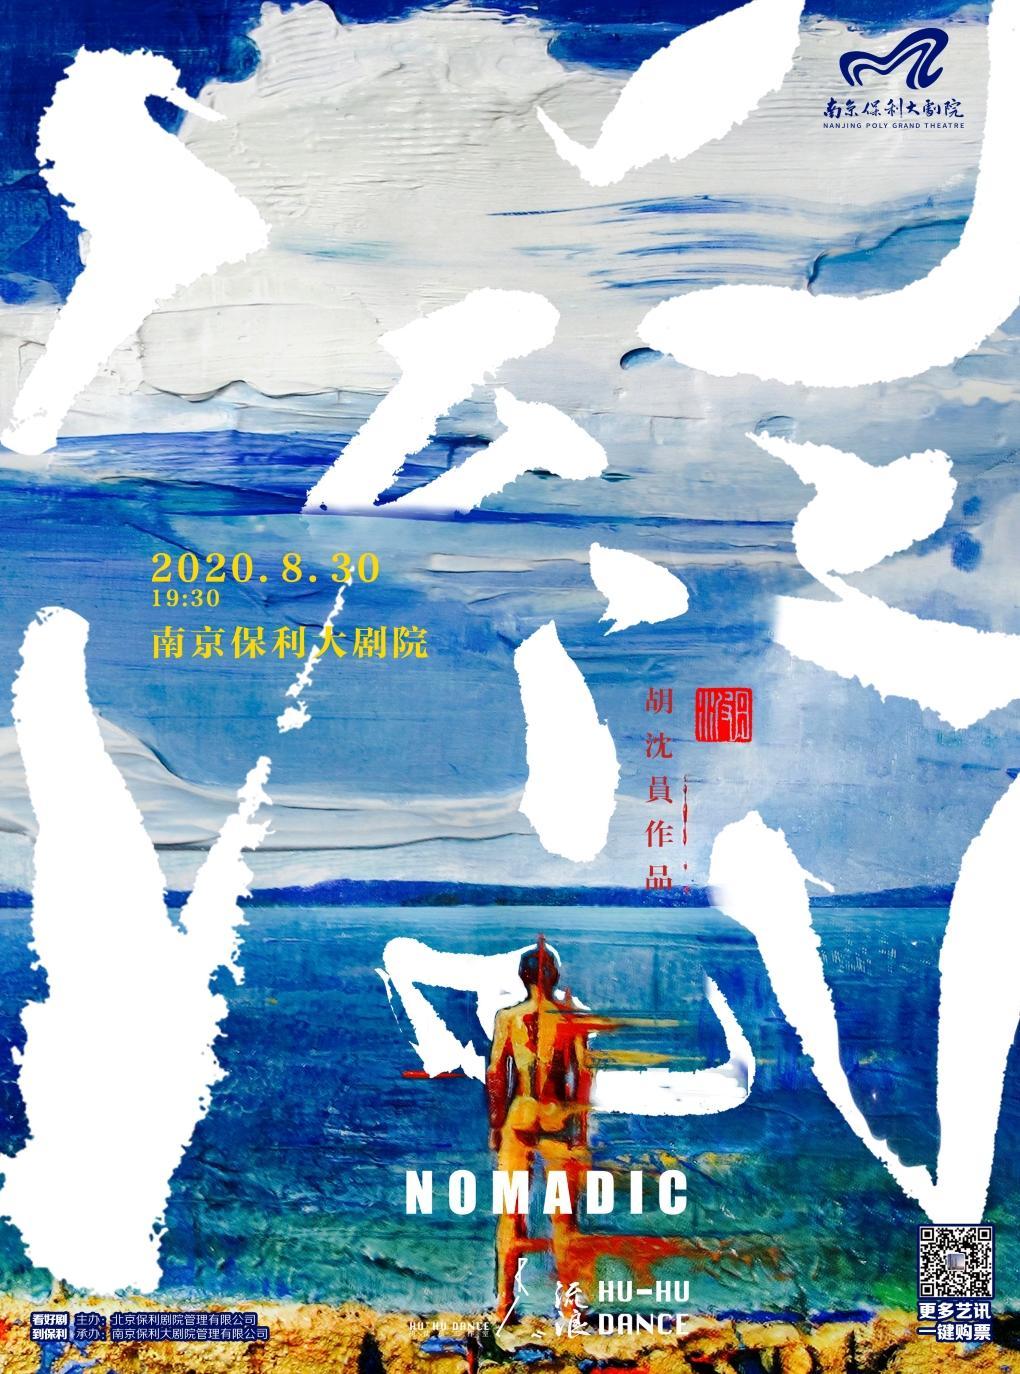 胡沈员舞蹈作品—《流浪Nomadic》